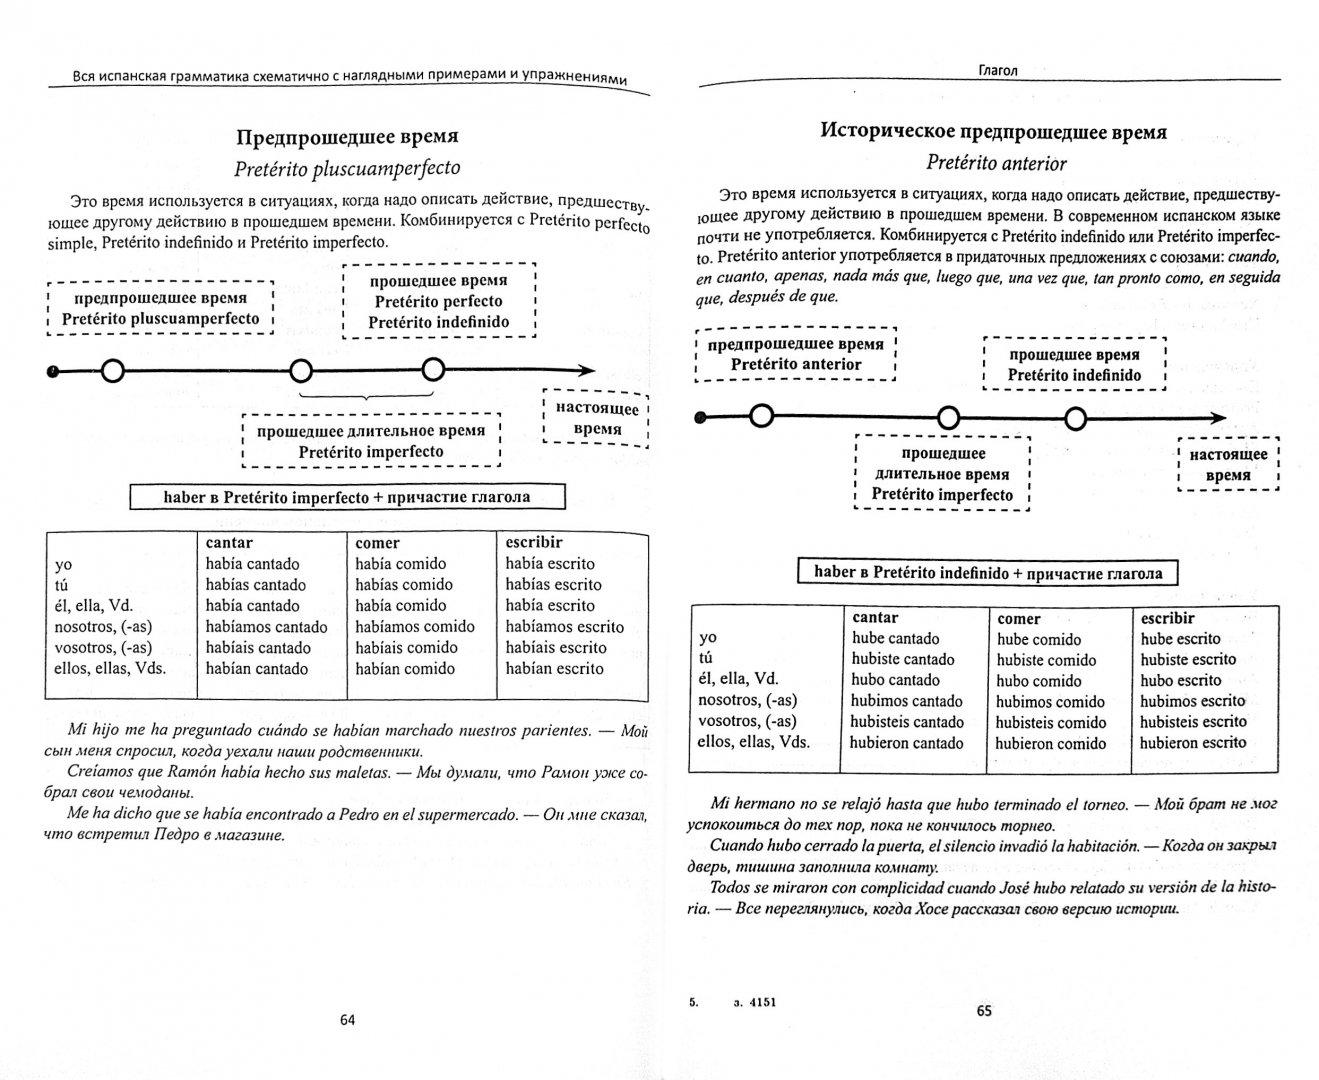 Иллюстрация 1 из 18 для Вся испанская грамматика схематично с наглядными примерами - Наталья Корелова   Лабиринт - книги. Источник: Лабиринт